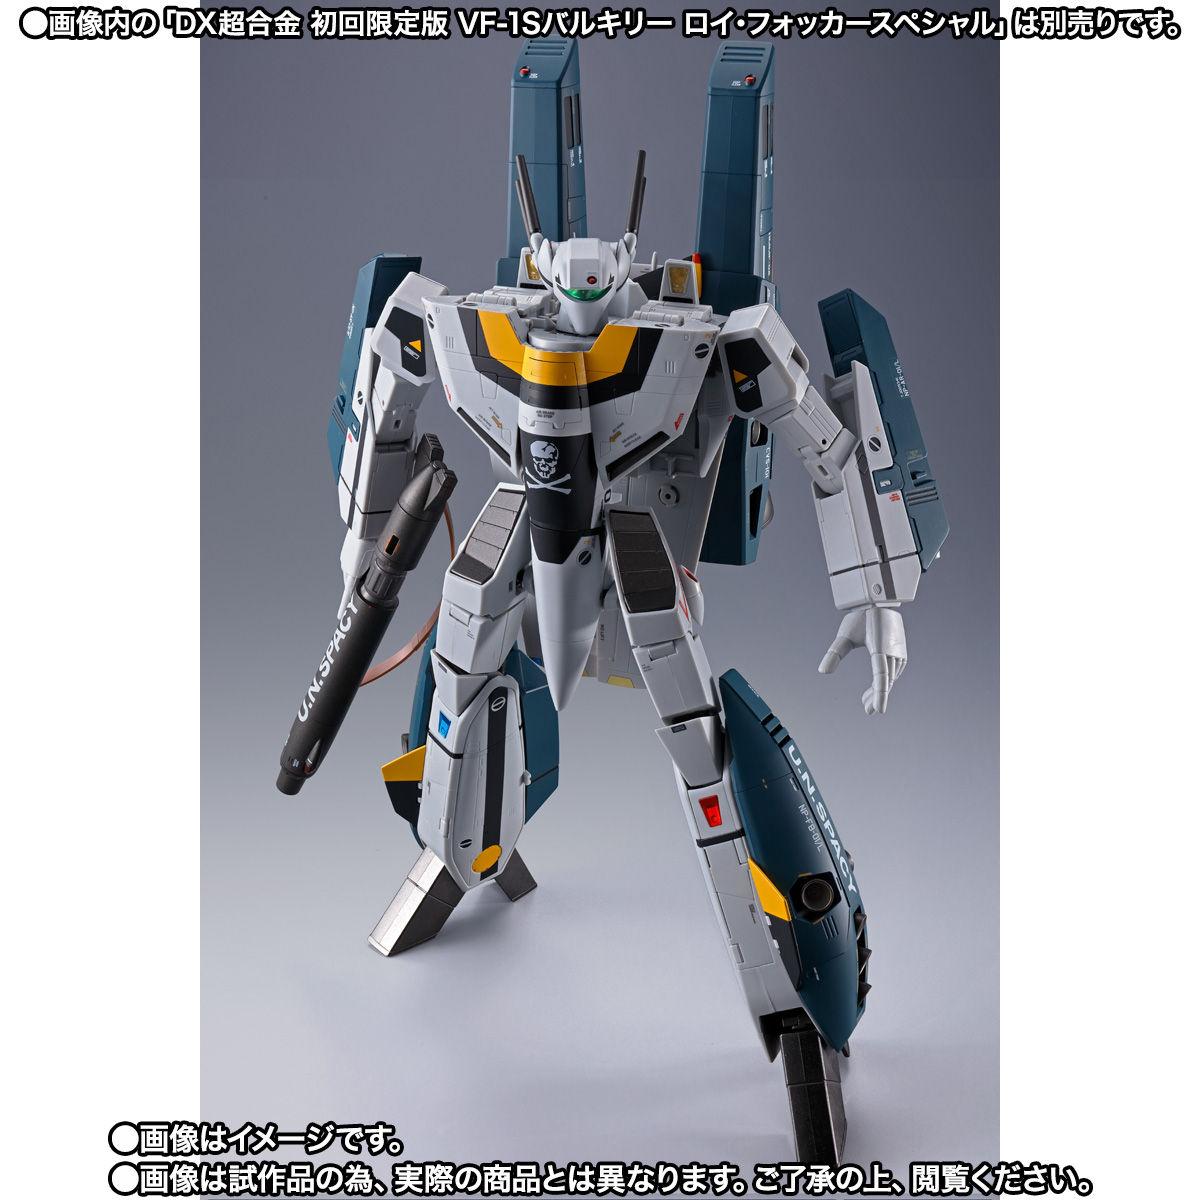 【限定販売】DX超合金『TV版VF-1対応スーパーパーツセット』オプションパーツ-003